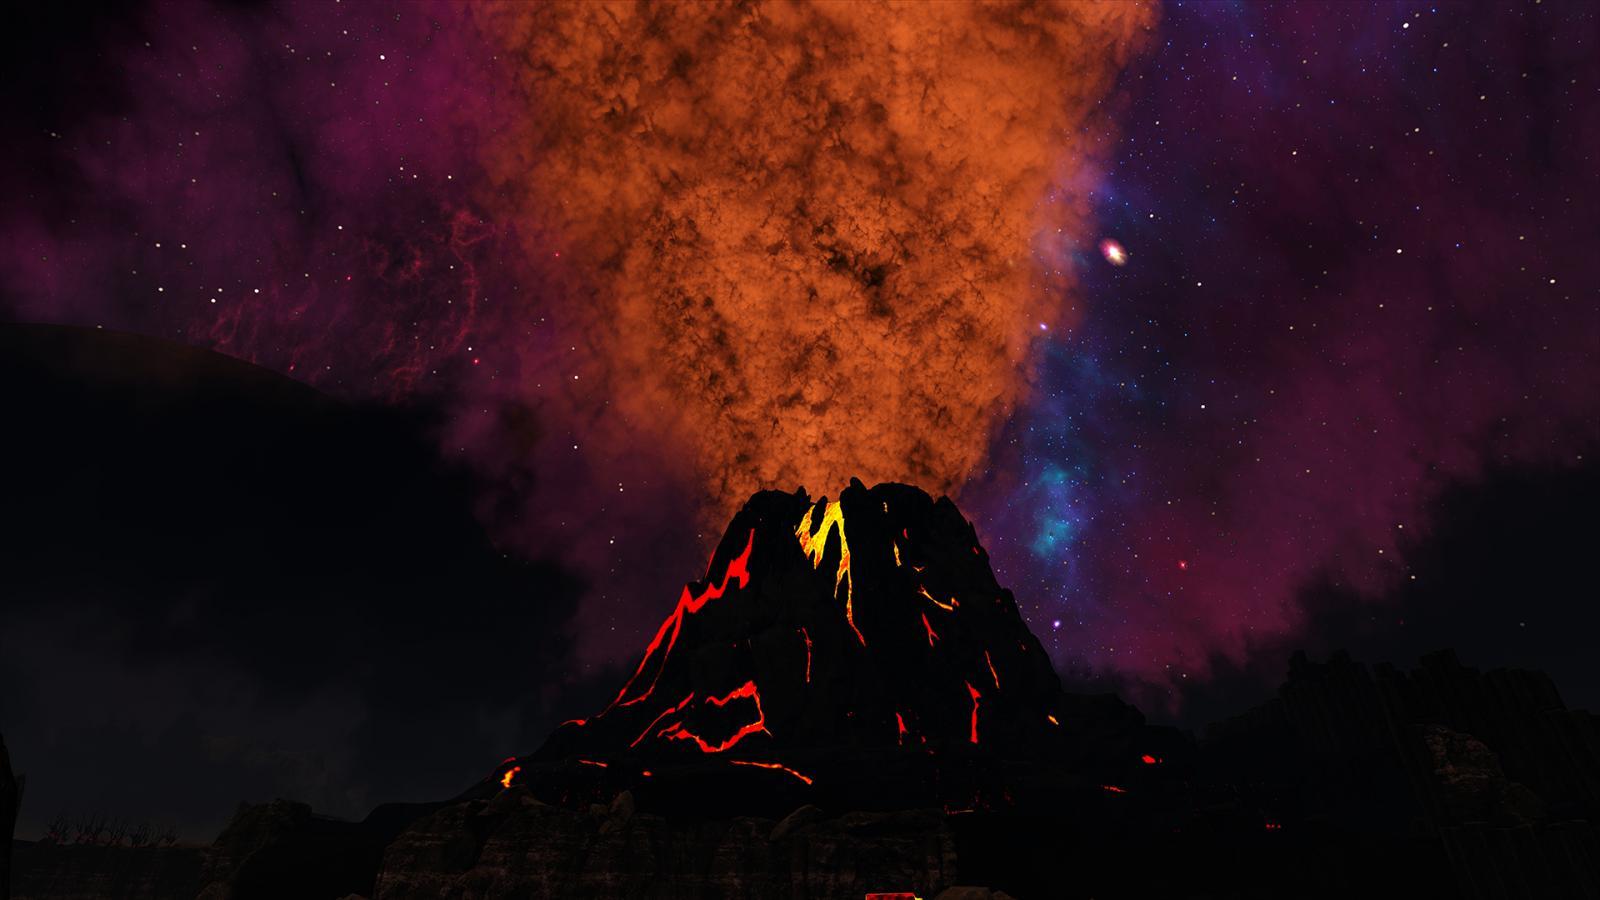 large.5a9d8534394ad_ZoaLive-Volcanoatnight-SuperResolution.jpg